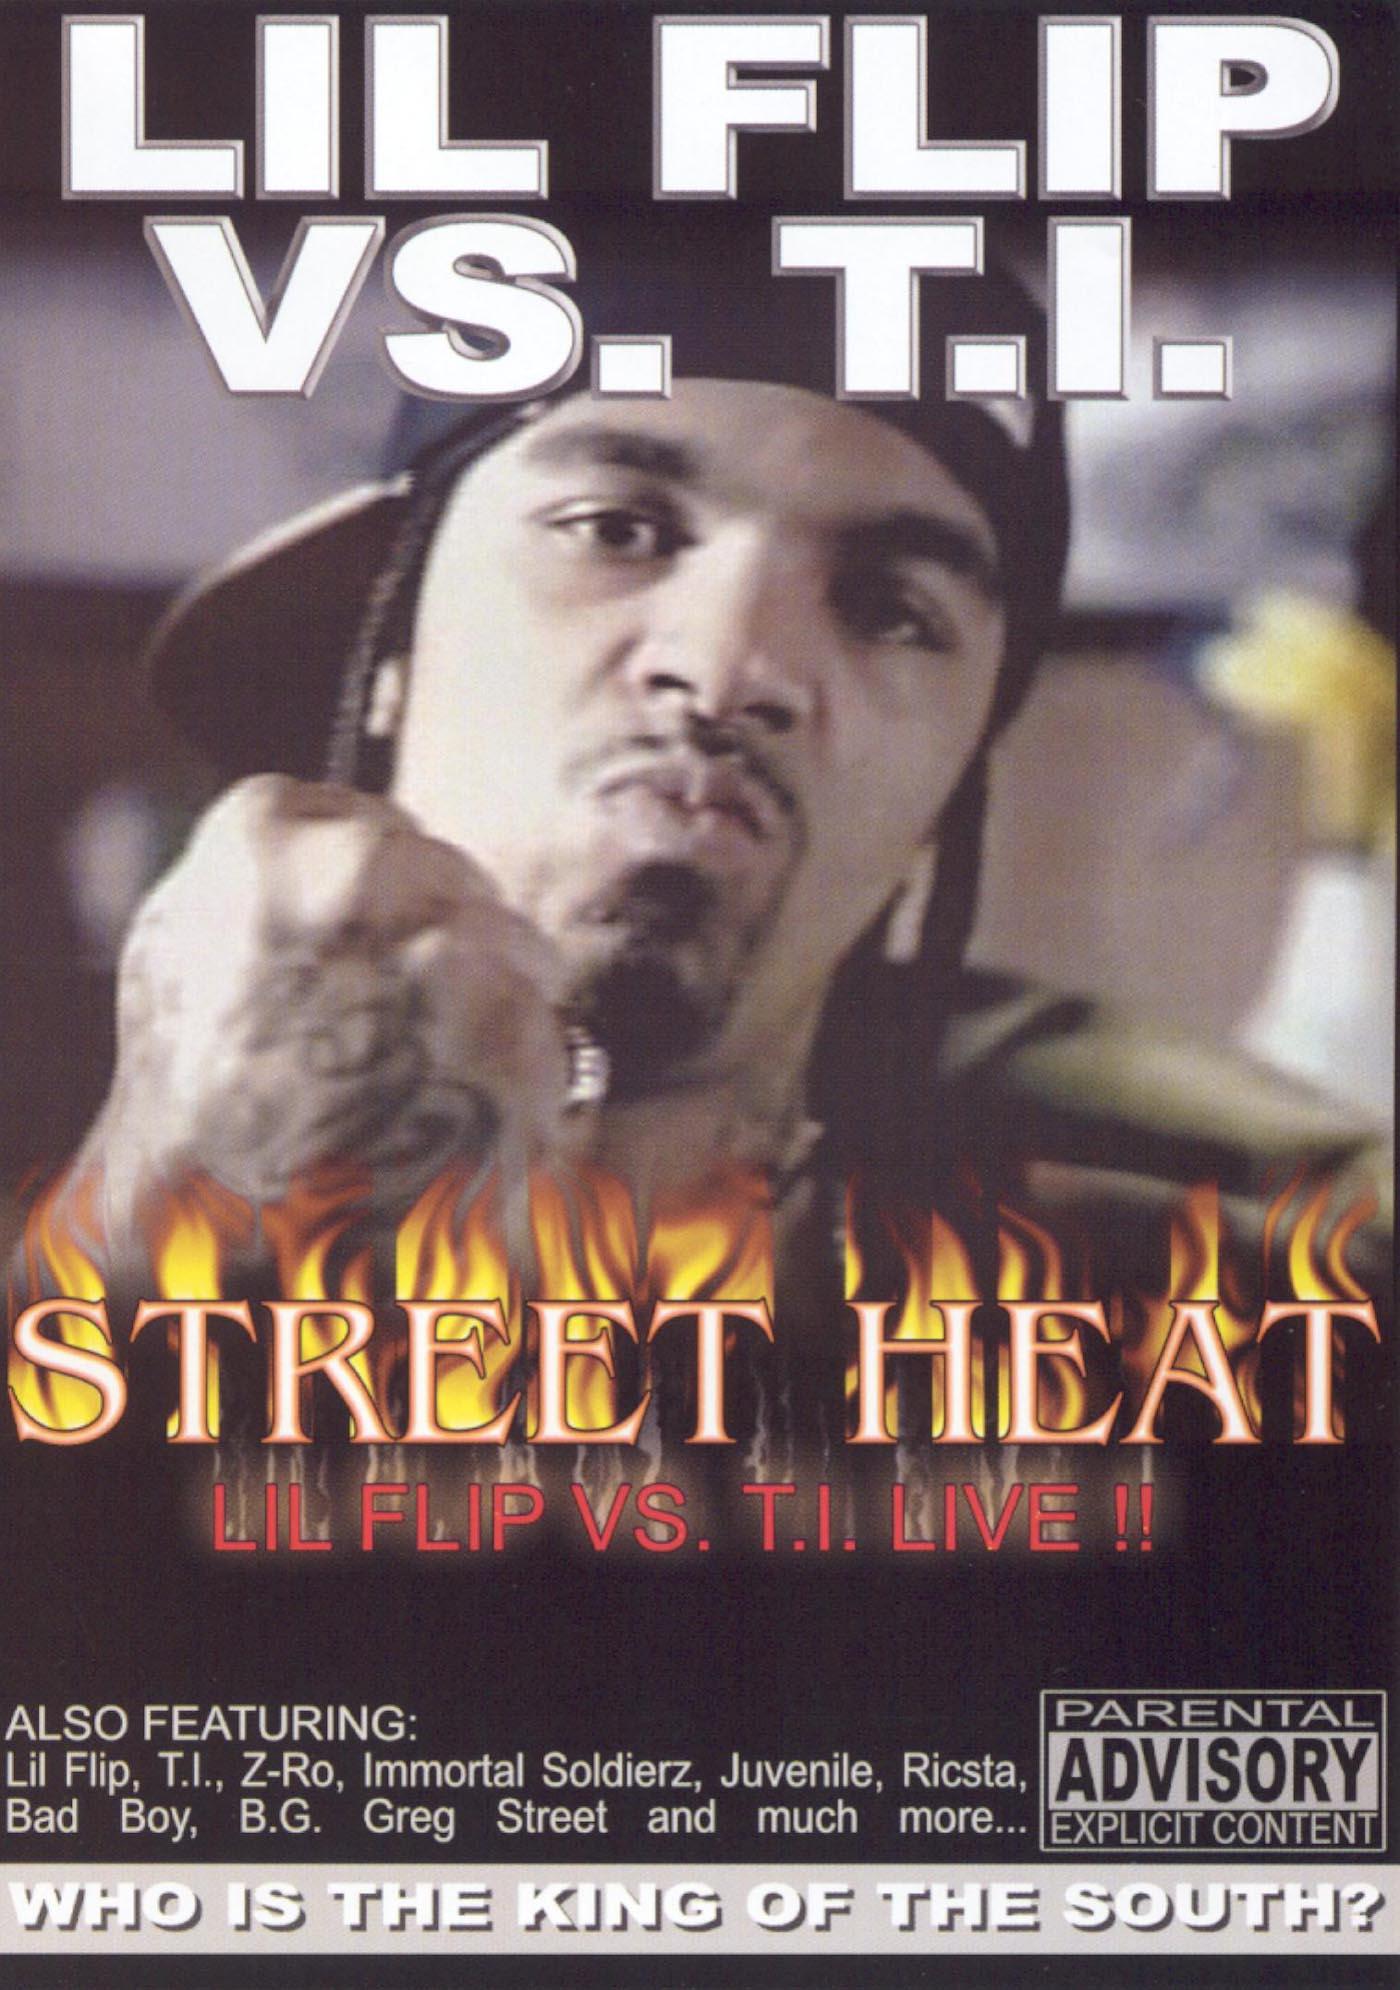 Street Heat: Lil Flip Vs T.I.